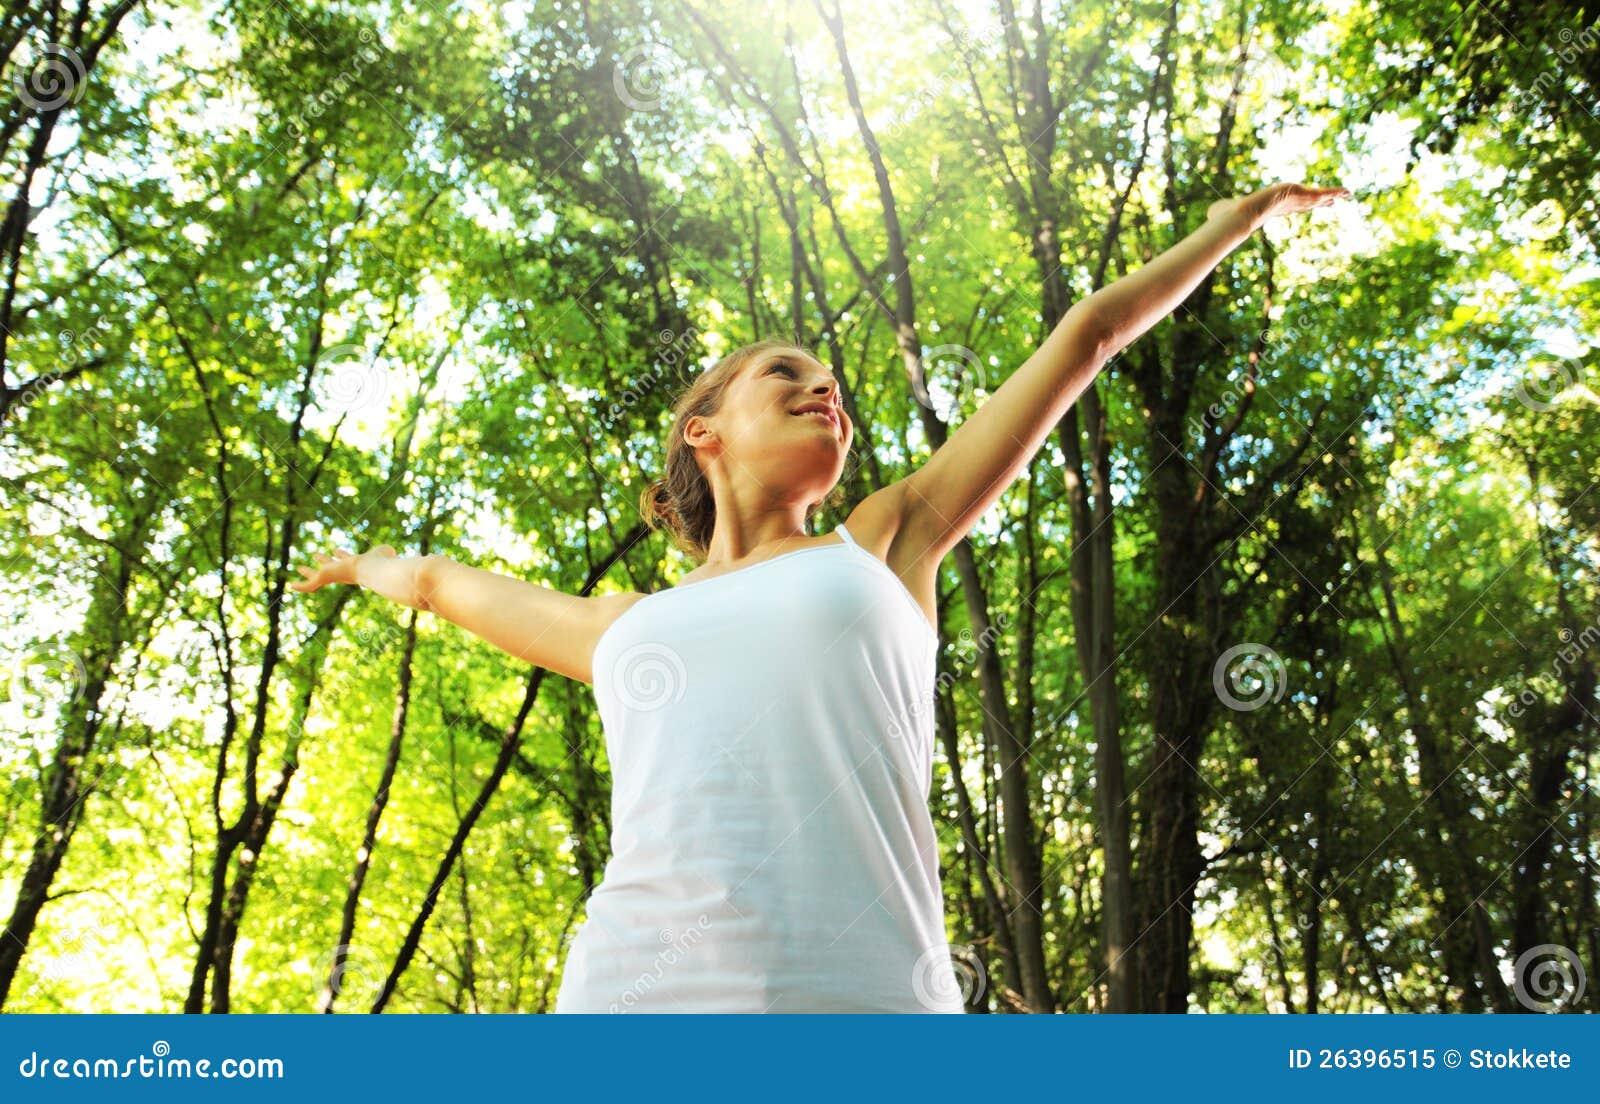 Απόλαυση της φύσης